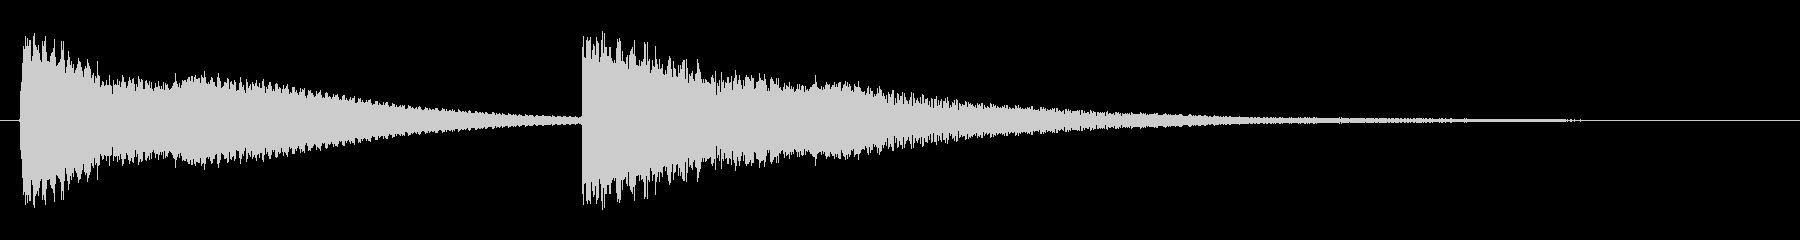 ピンポン(チャイムを鳴らす効果音)の未再生の波形